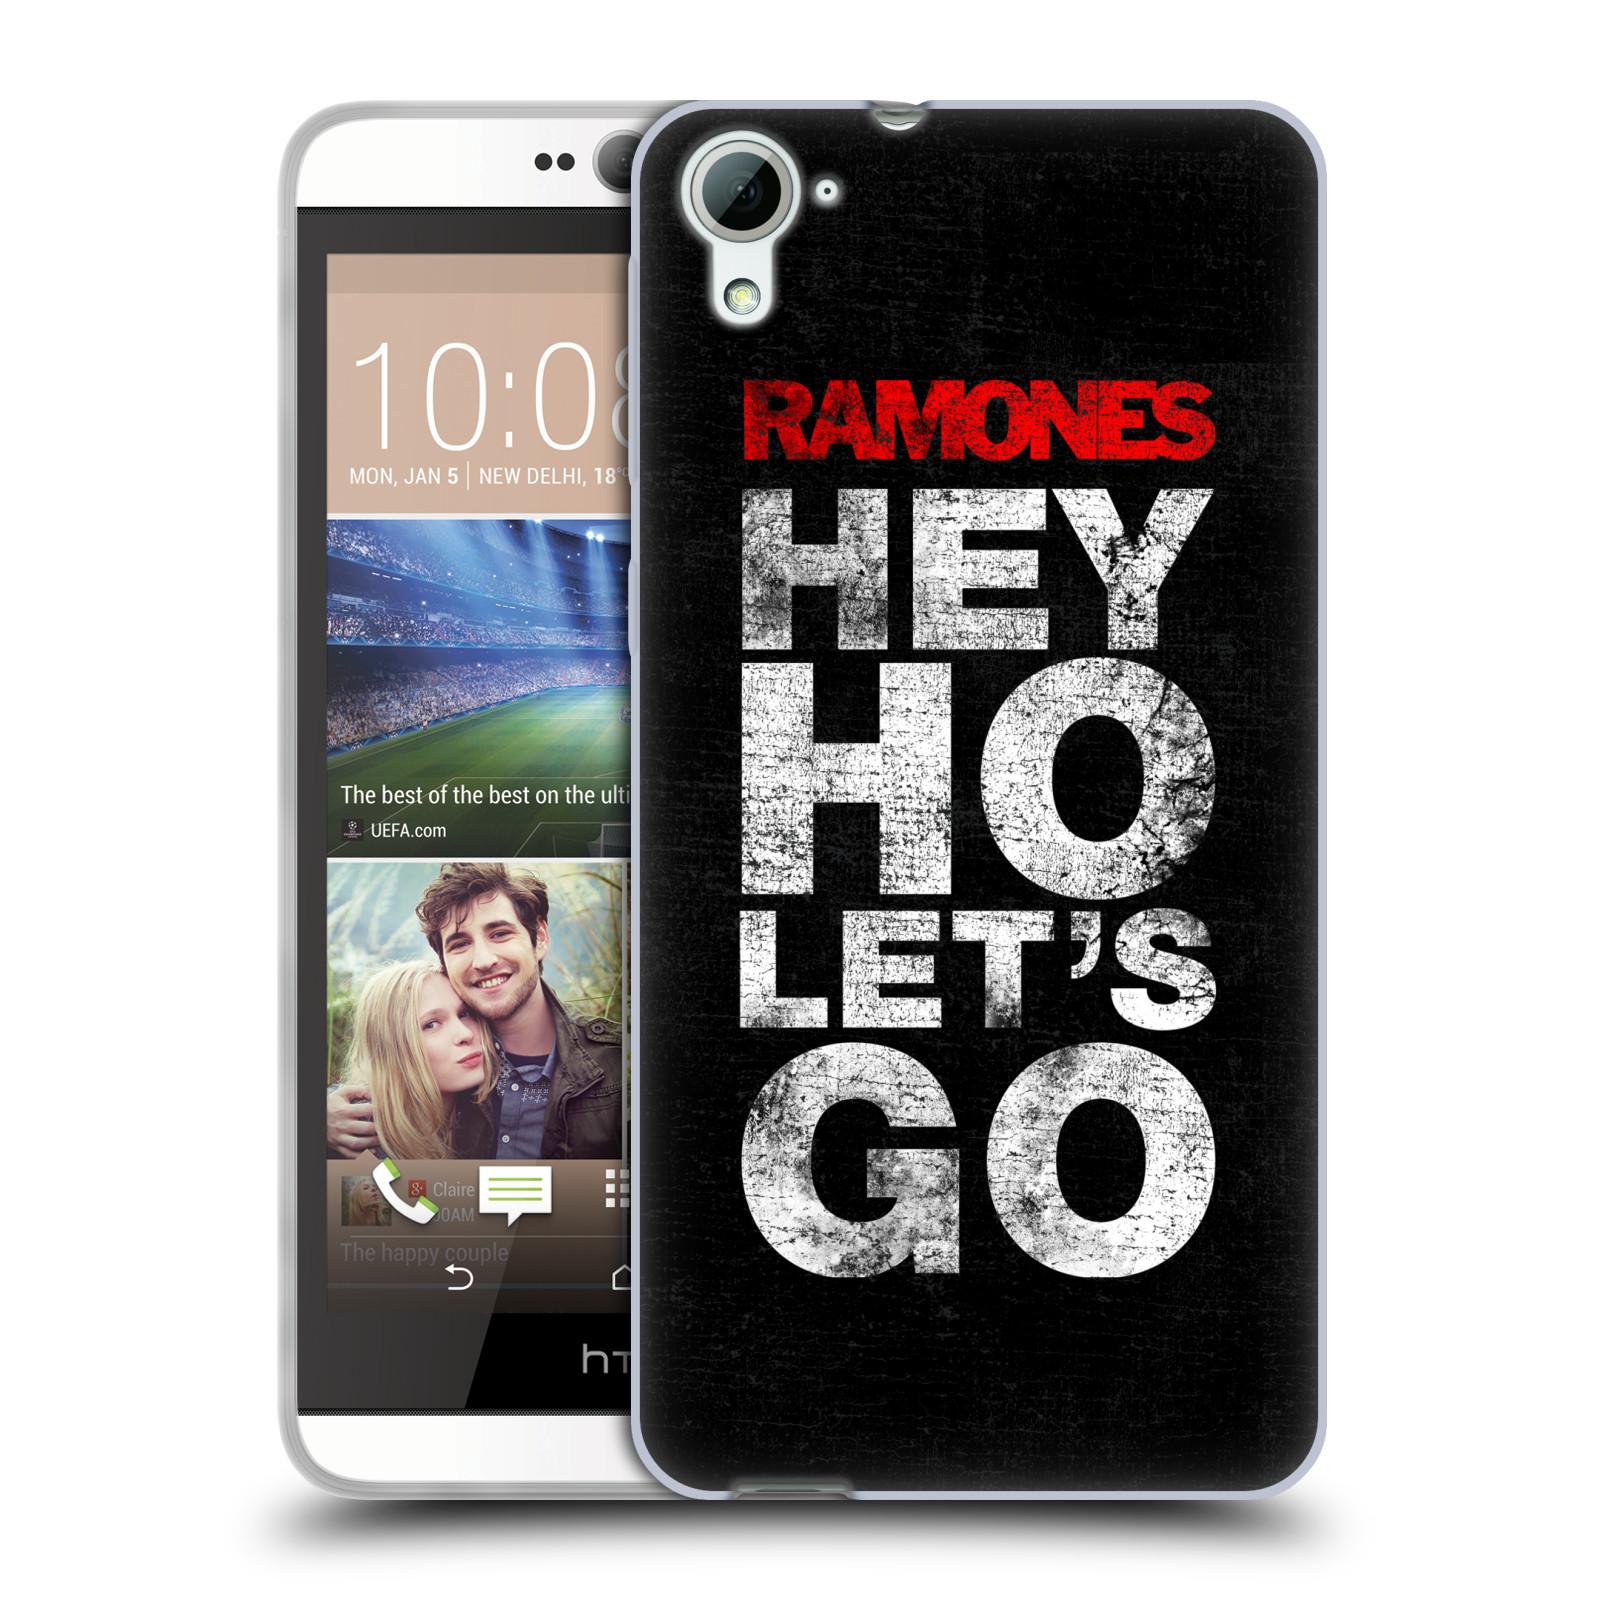 Silikonové pouzdro na mobil HTC Desire 826 HEAD CASE The Ramones - HEY HO LET´S GO (Silikonový kryt či obal na mobilní telefon s oficiálním licencovaným motivem The Ramones pro HTC Desire 826 Dual SIM)